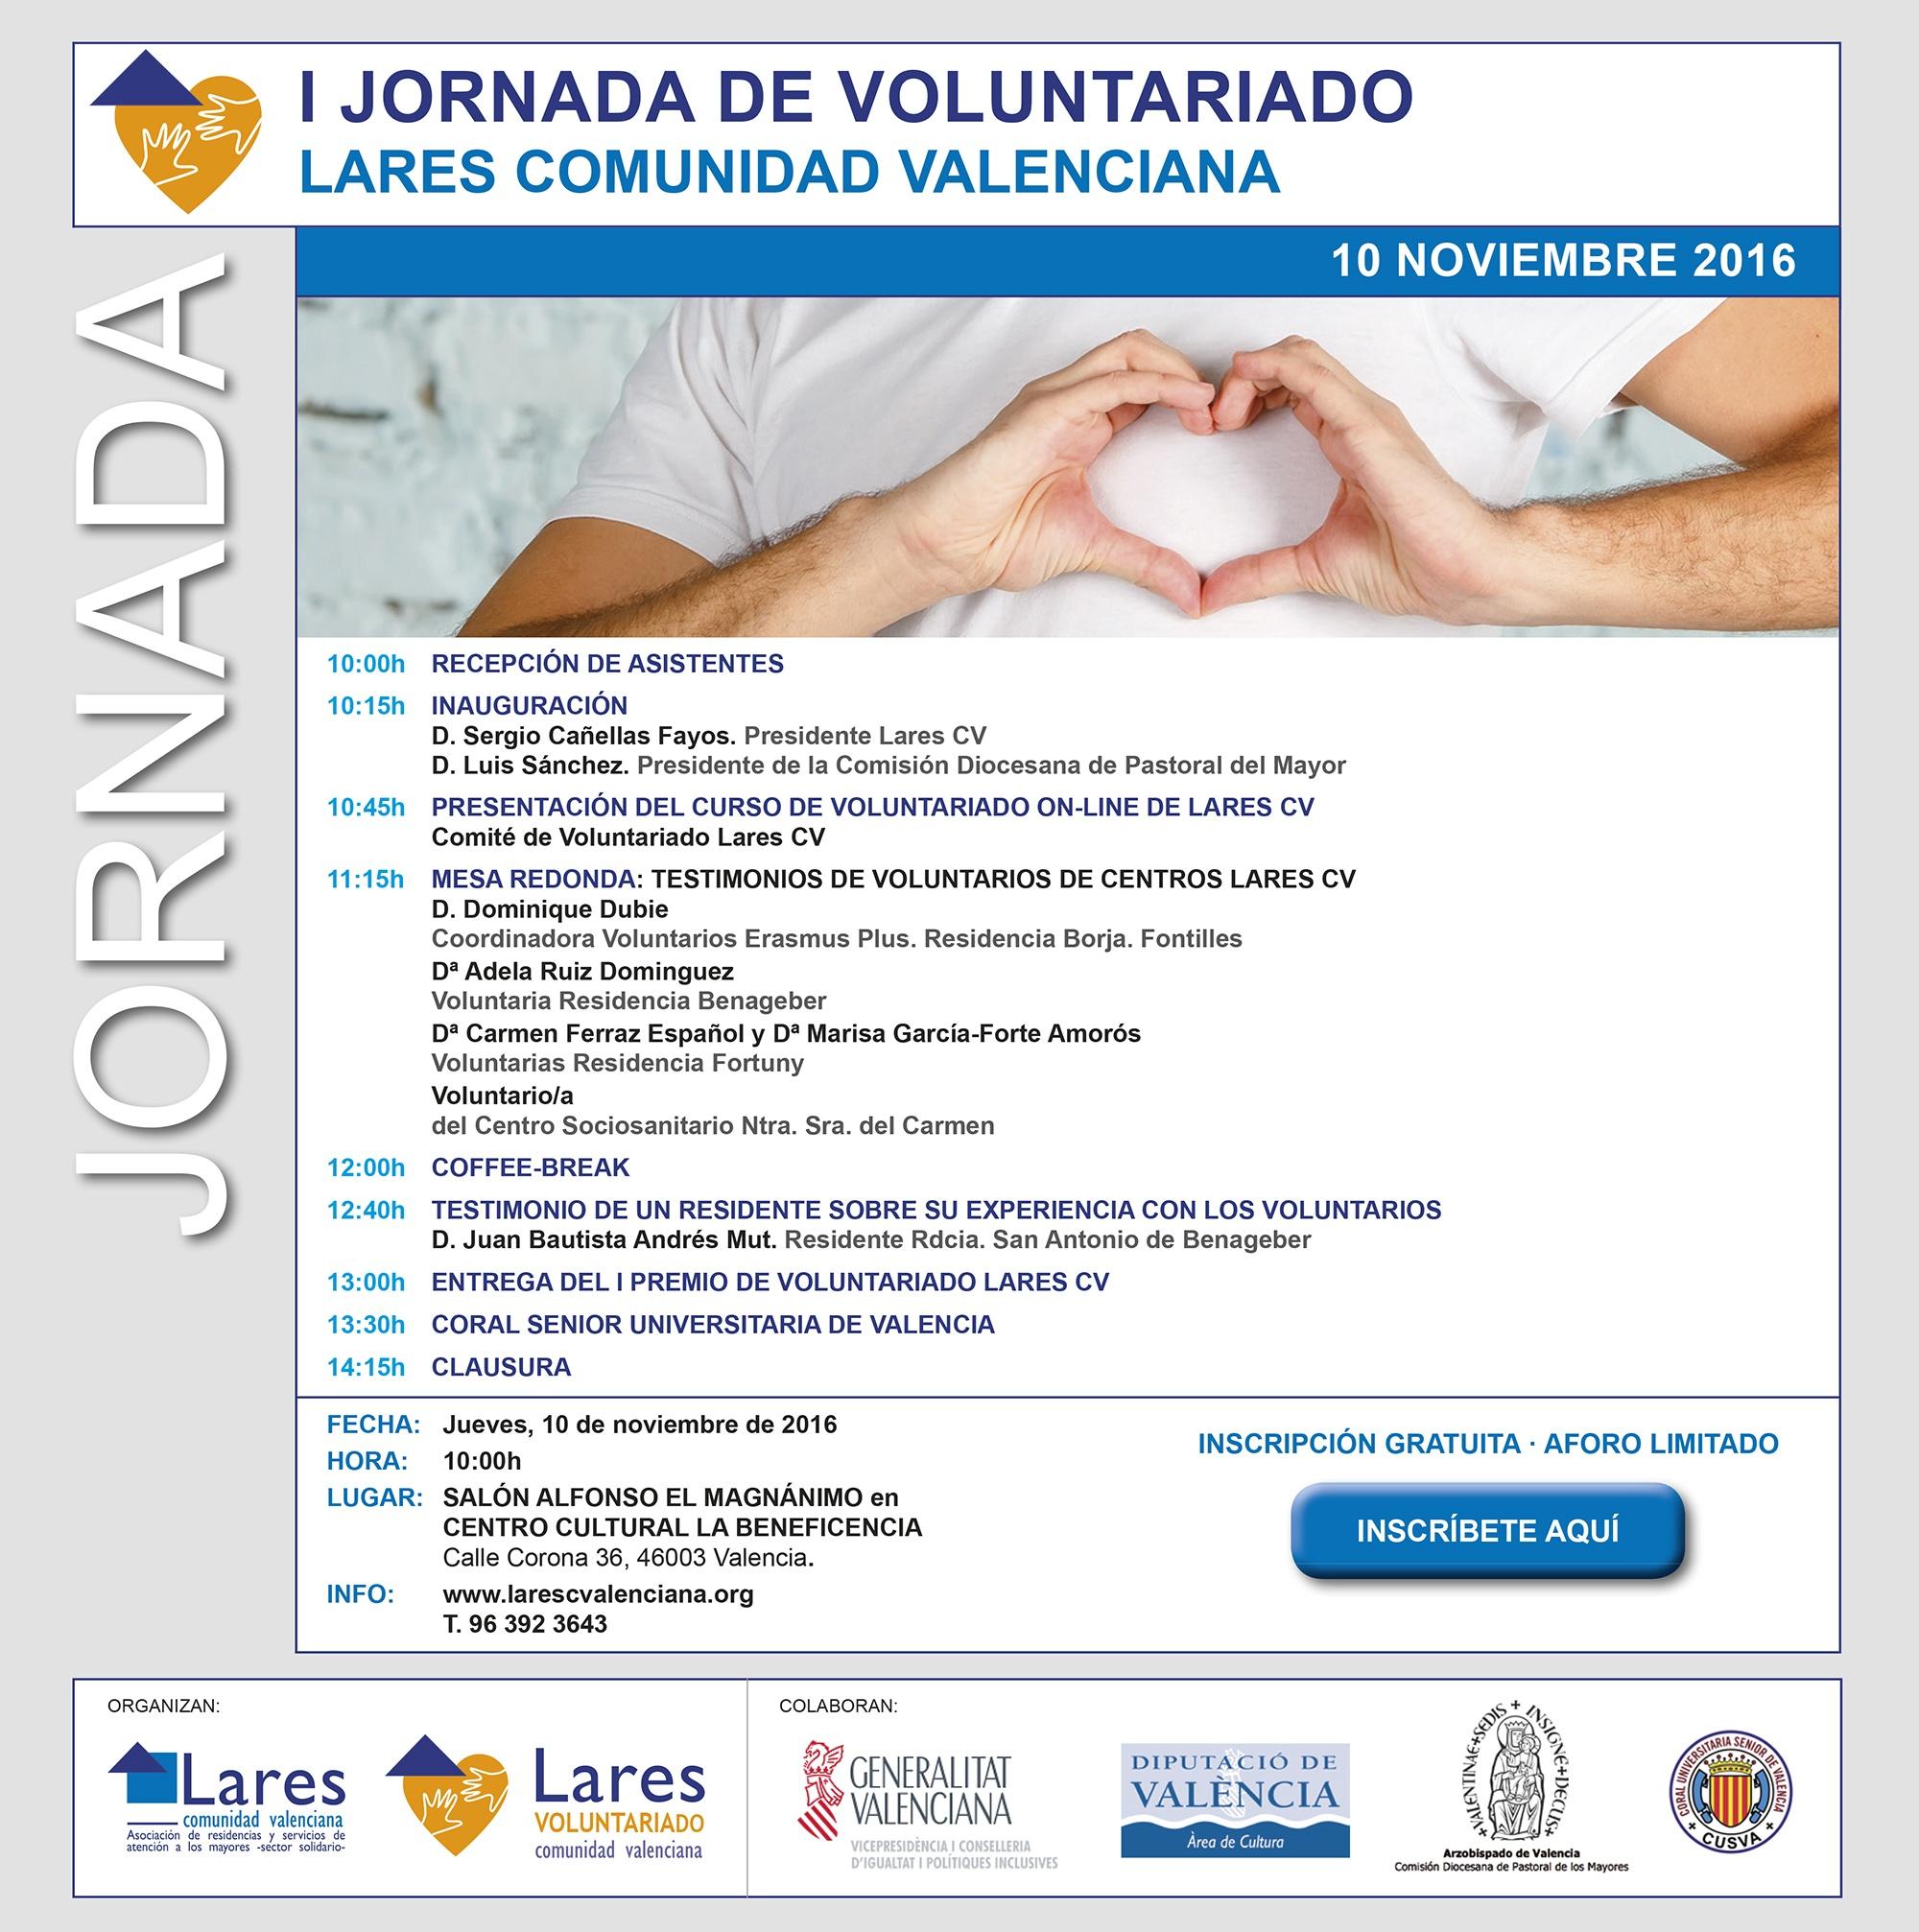 Invitación a la I Jornada de Voluntariado Lares CV